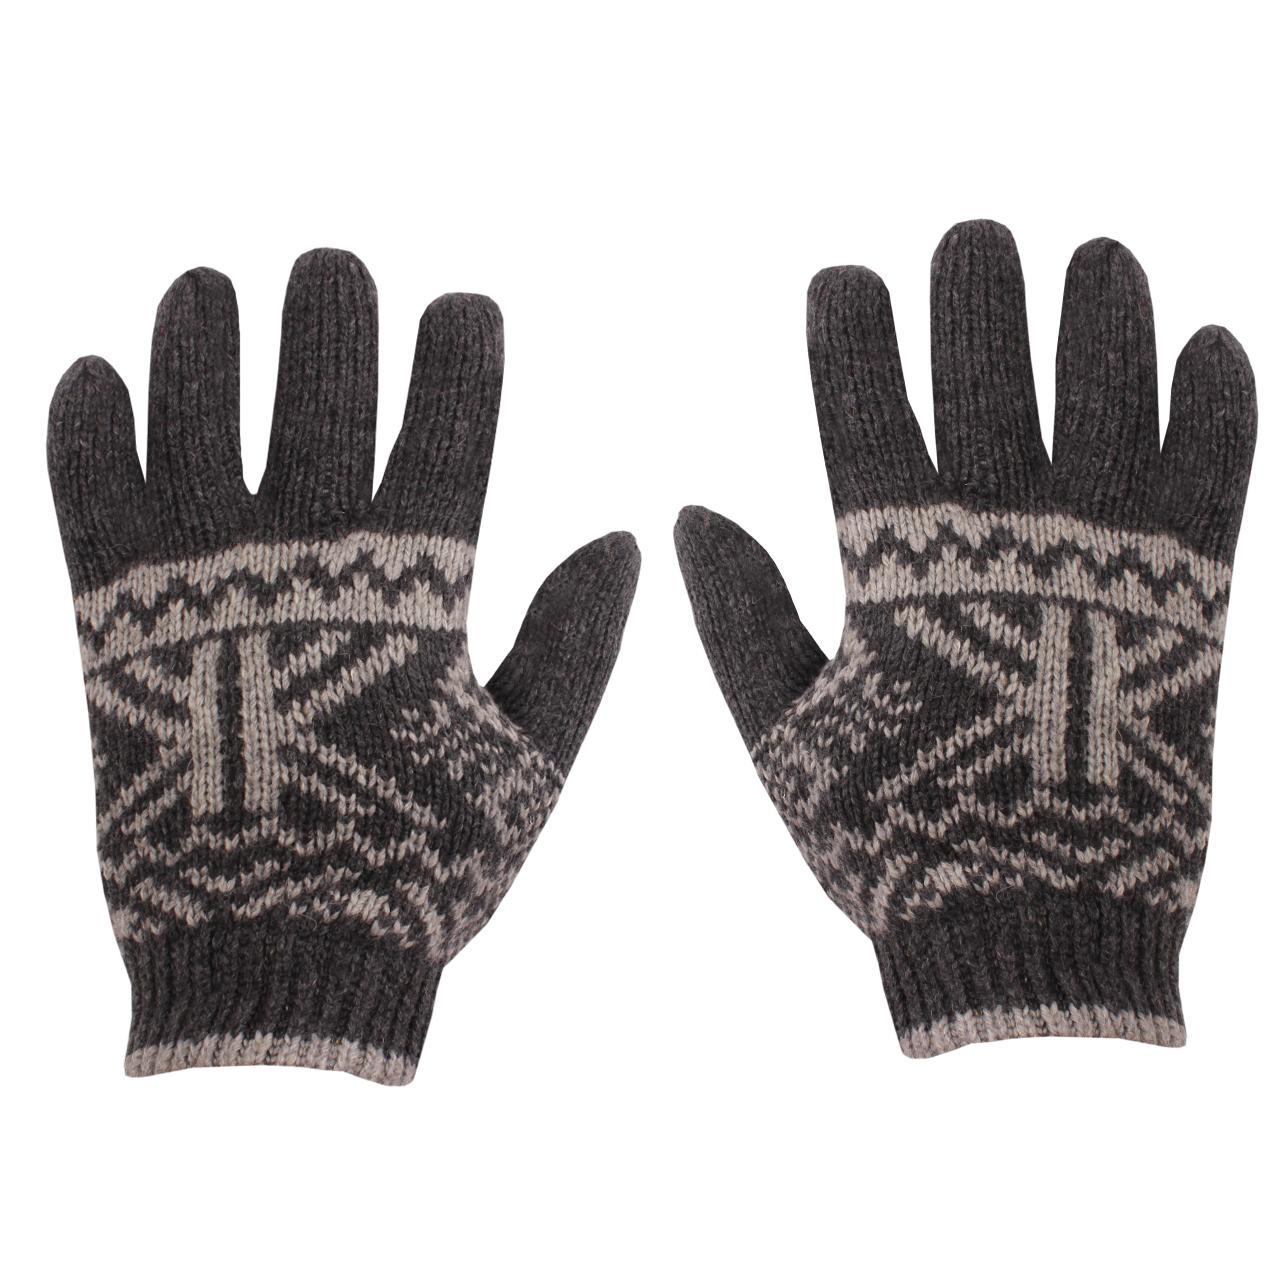 دستکش بافتنی مردانه کد 05